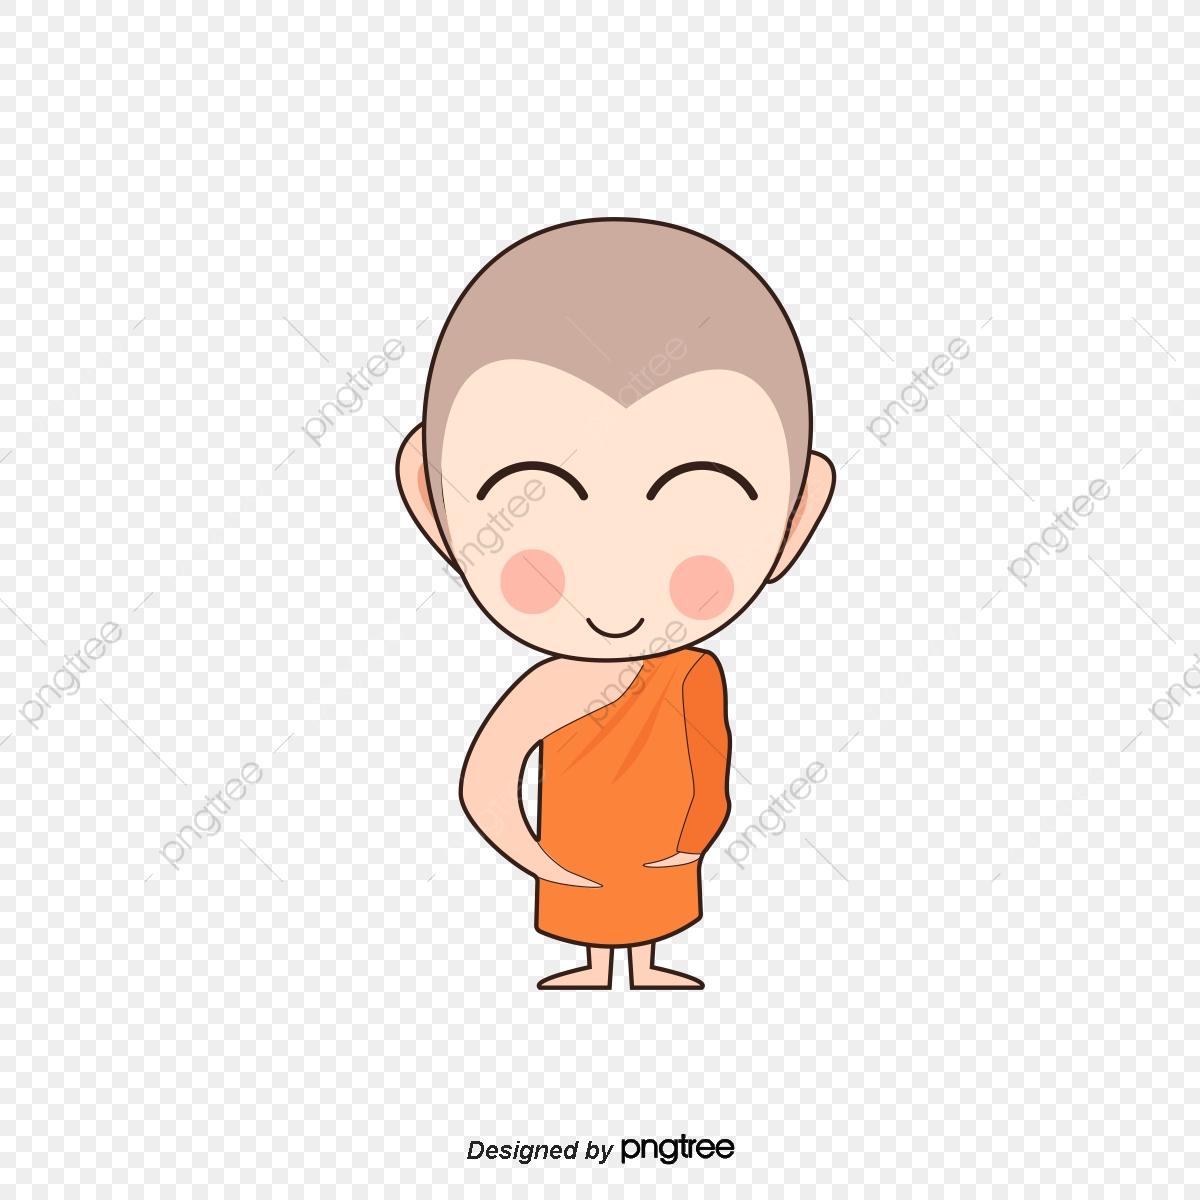 Cartoon Monk Figure, Cartoon Clipart, Cartoon, Lovely PNG.